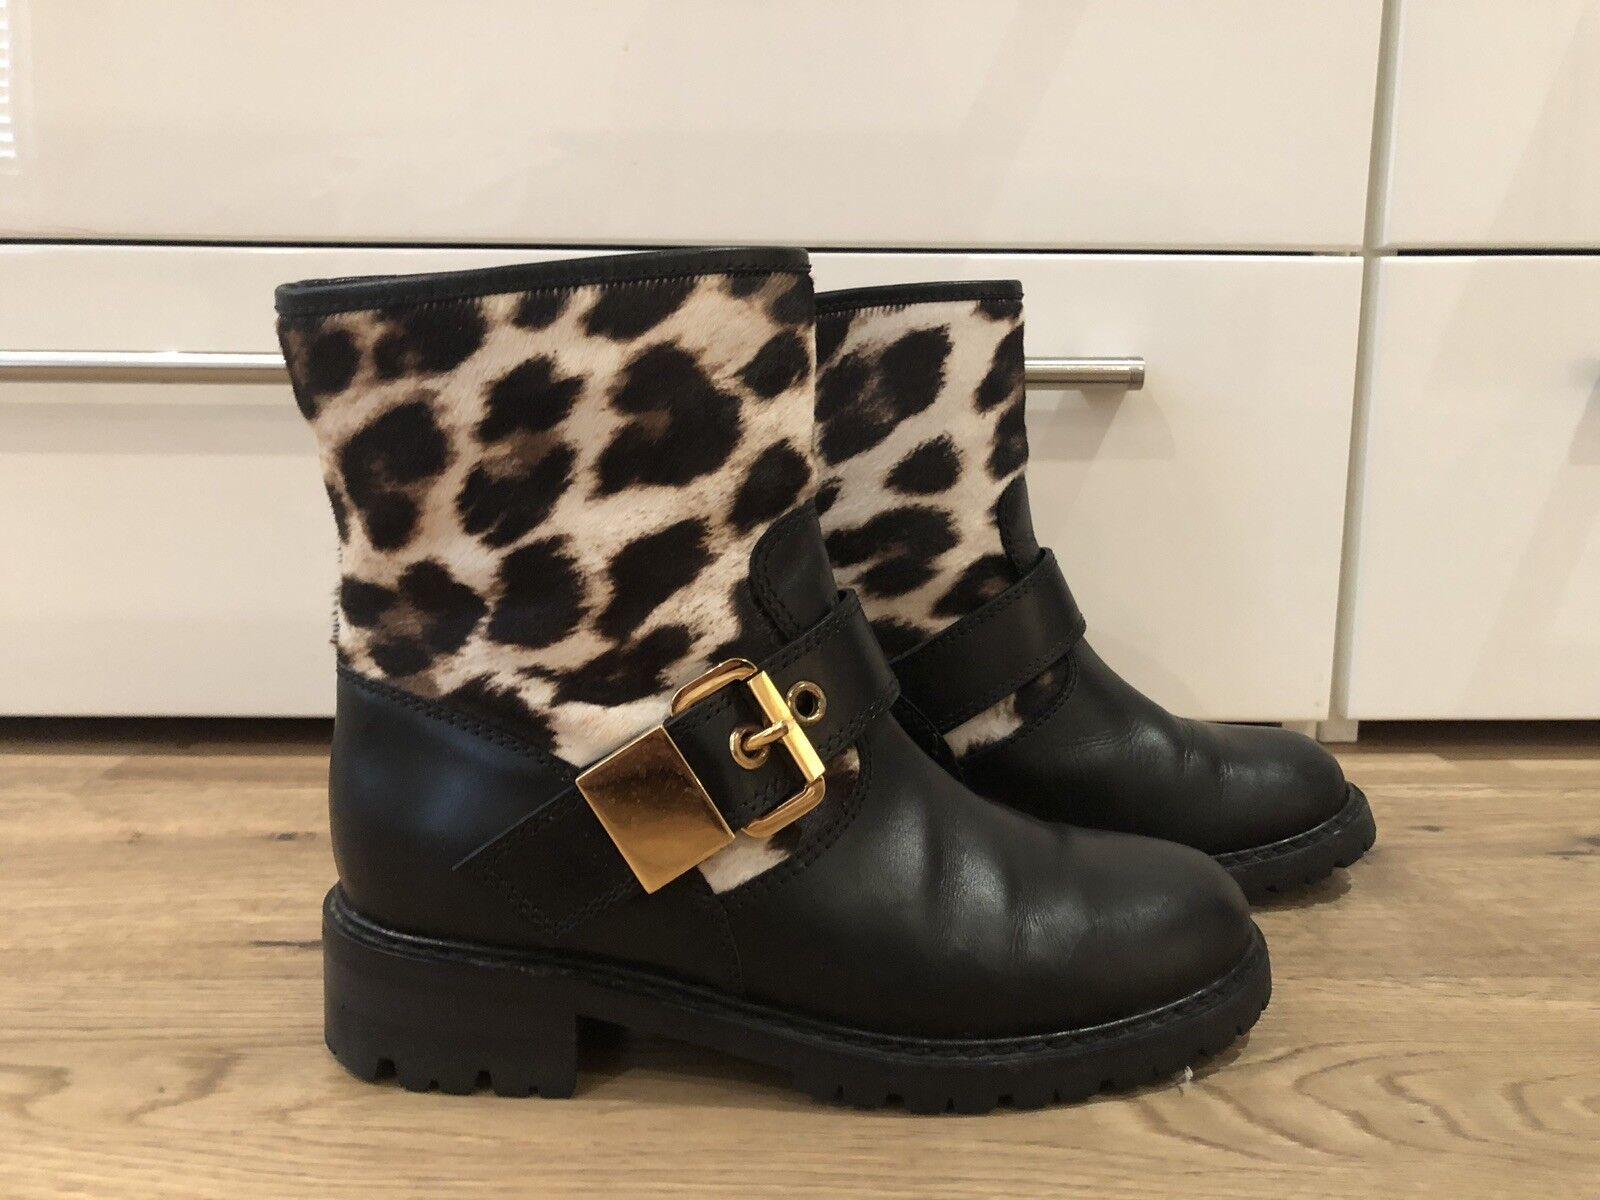 Giuseppe Zanotti Black Boots Size 37.5 37.5 37.5   UK 4.5 700738